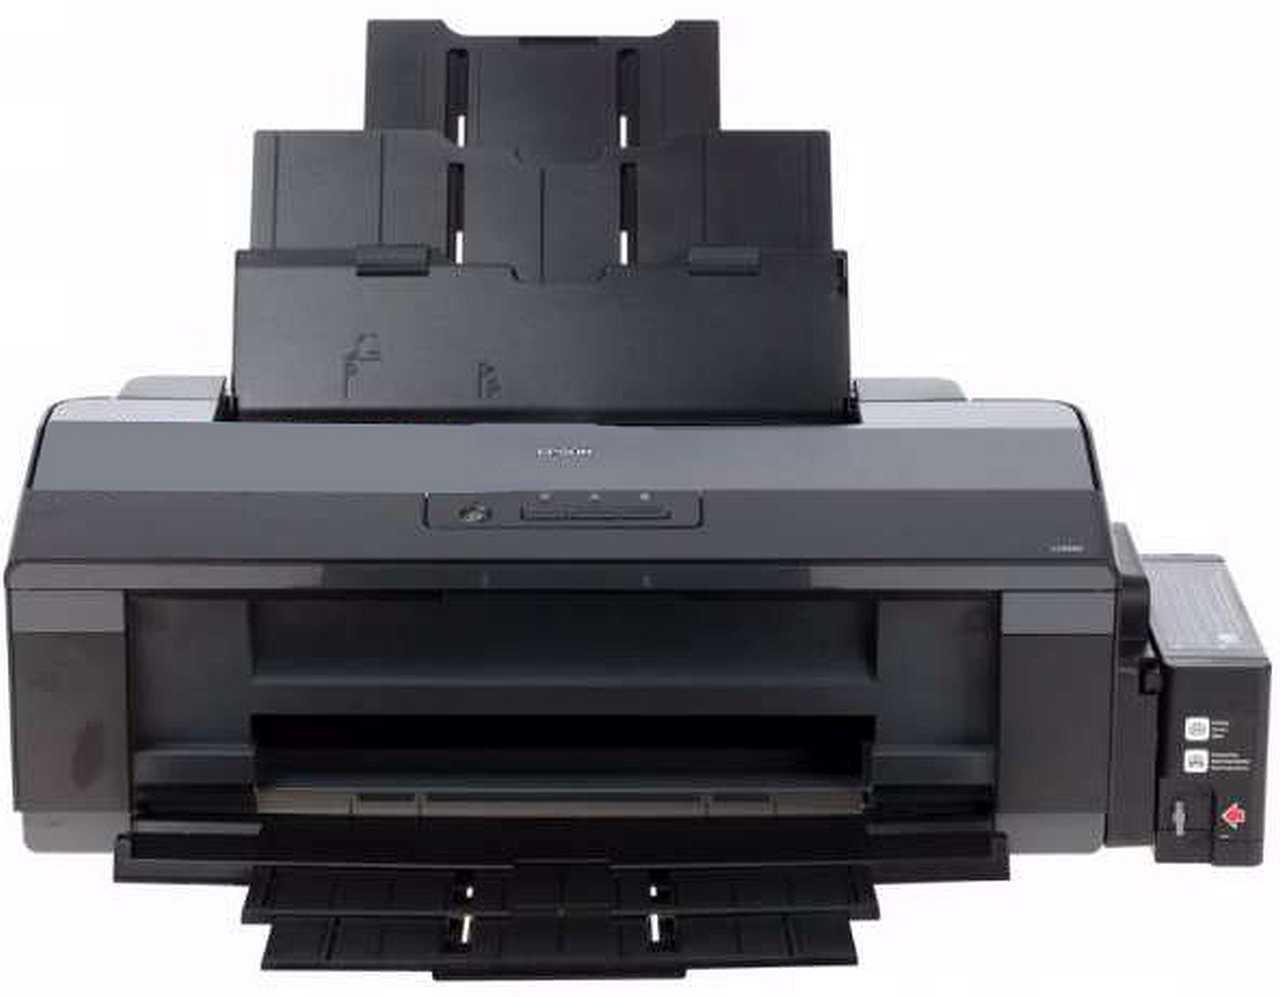 Epson L1800 A3 Printer